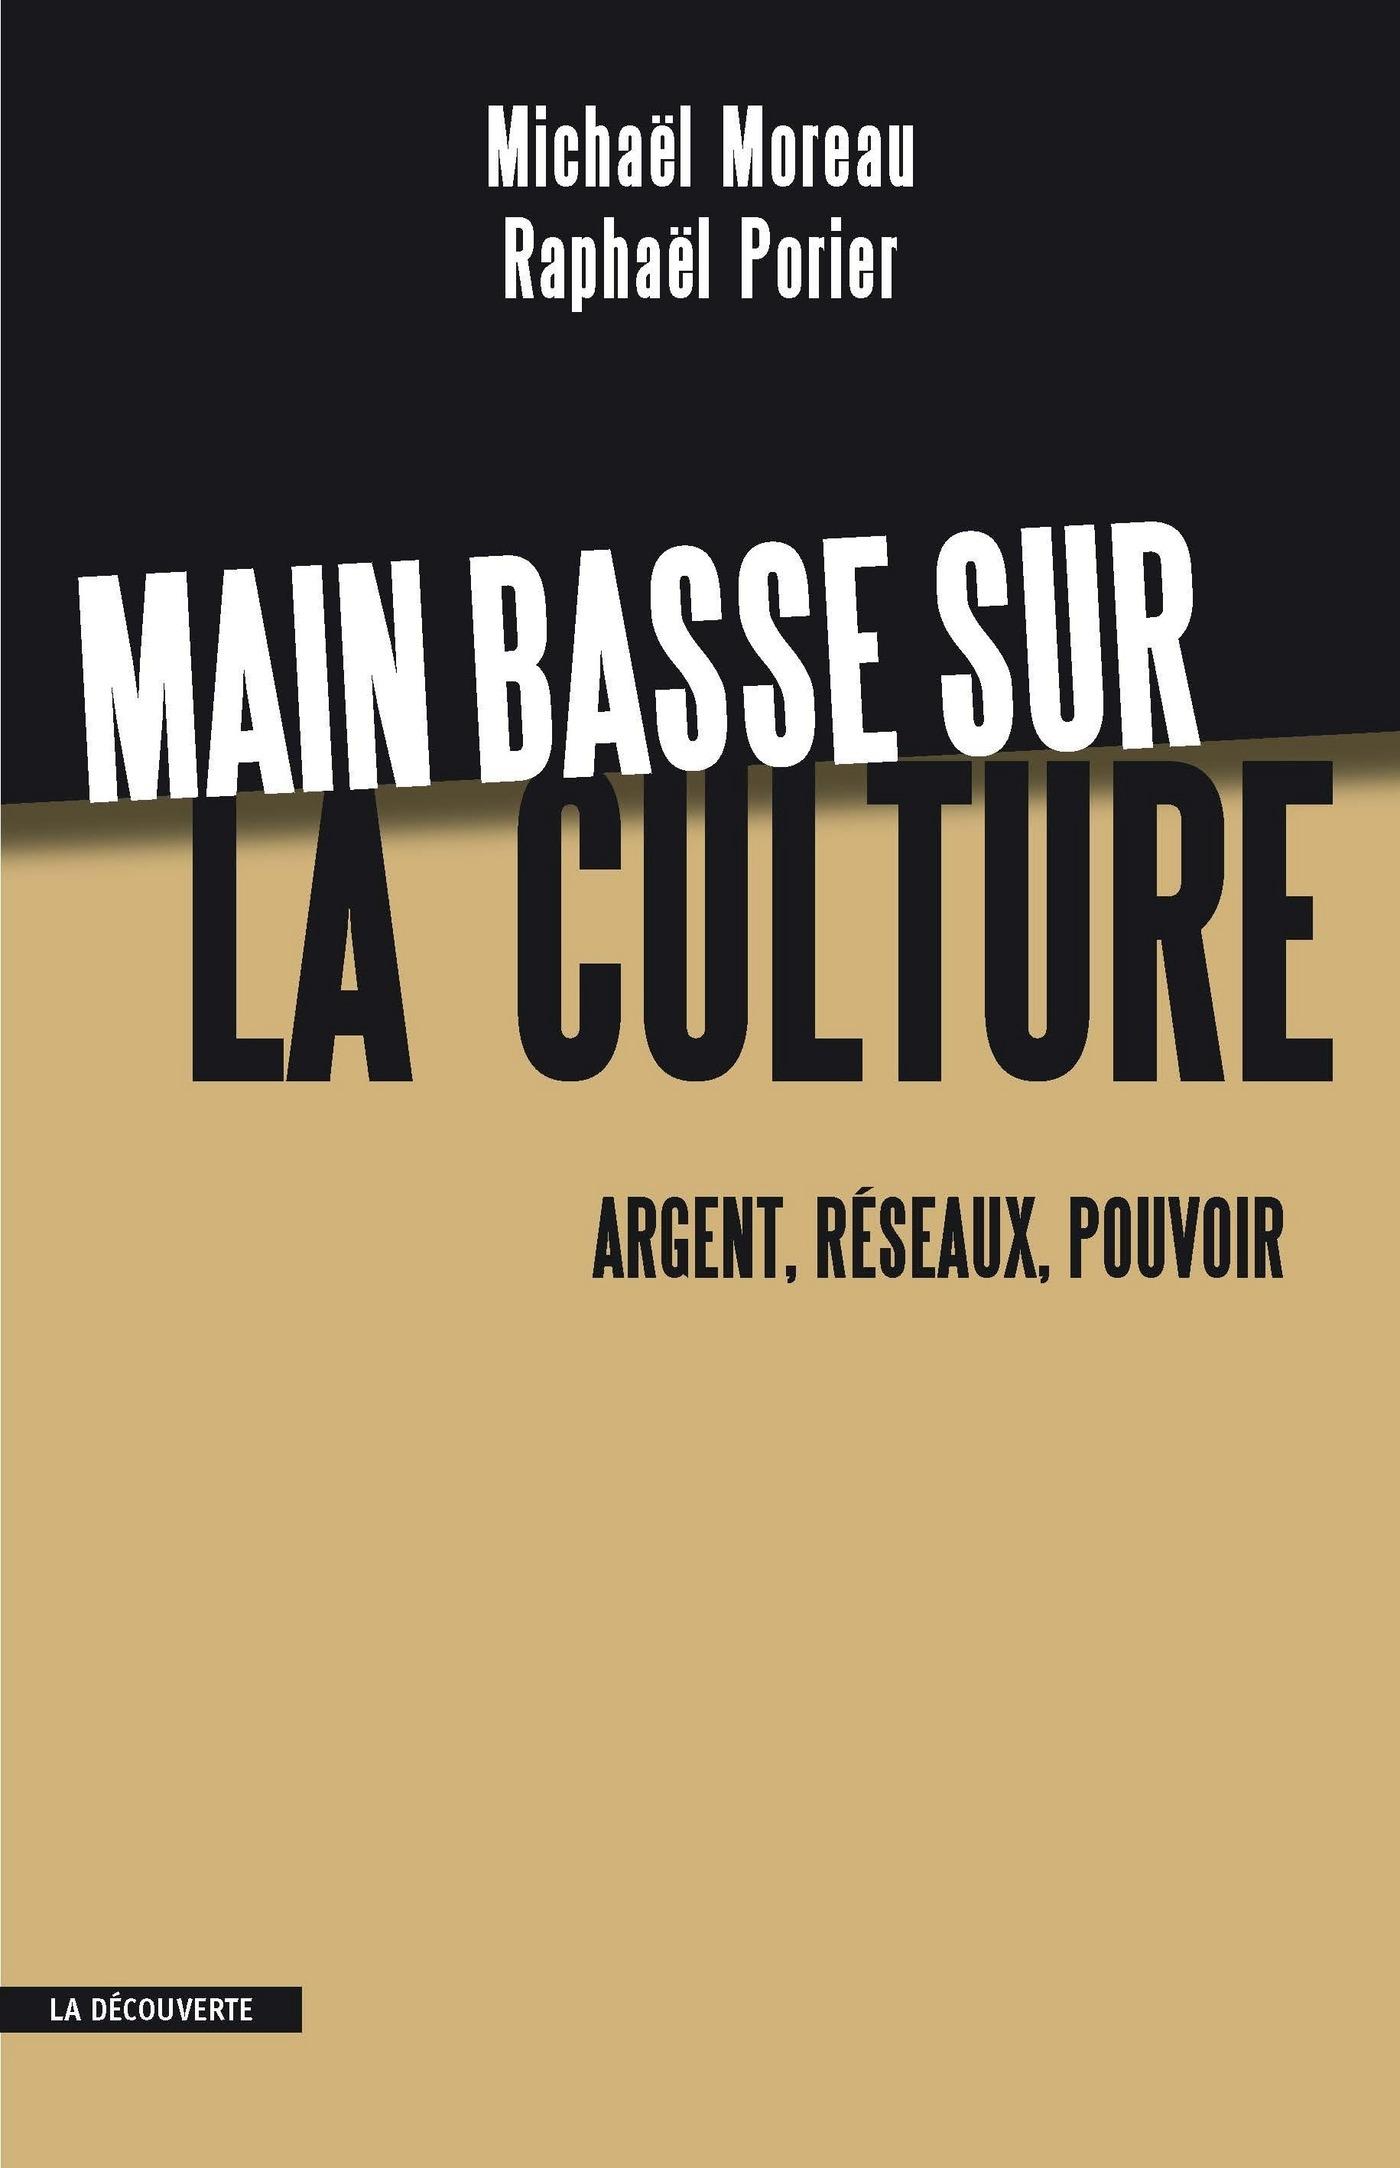 Main basse sur la culture | PORIER, Raphaël